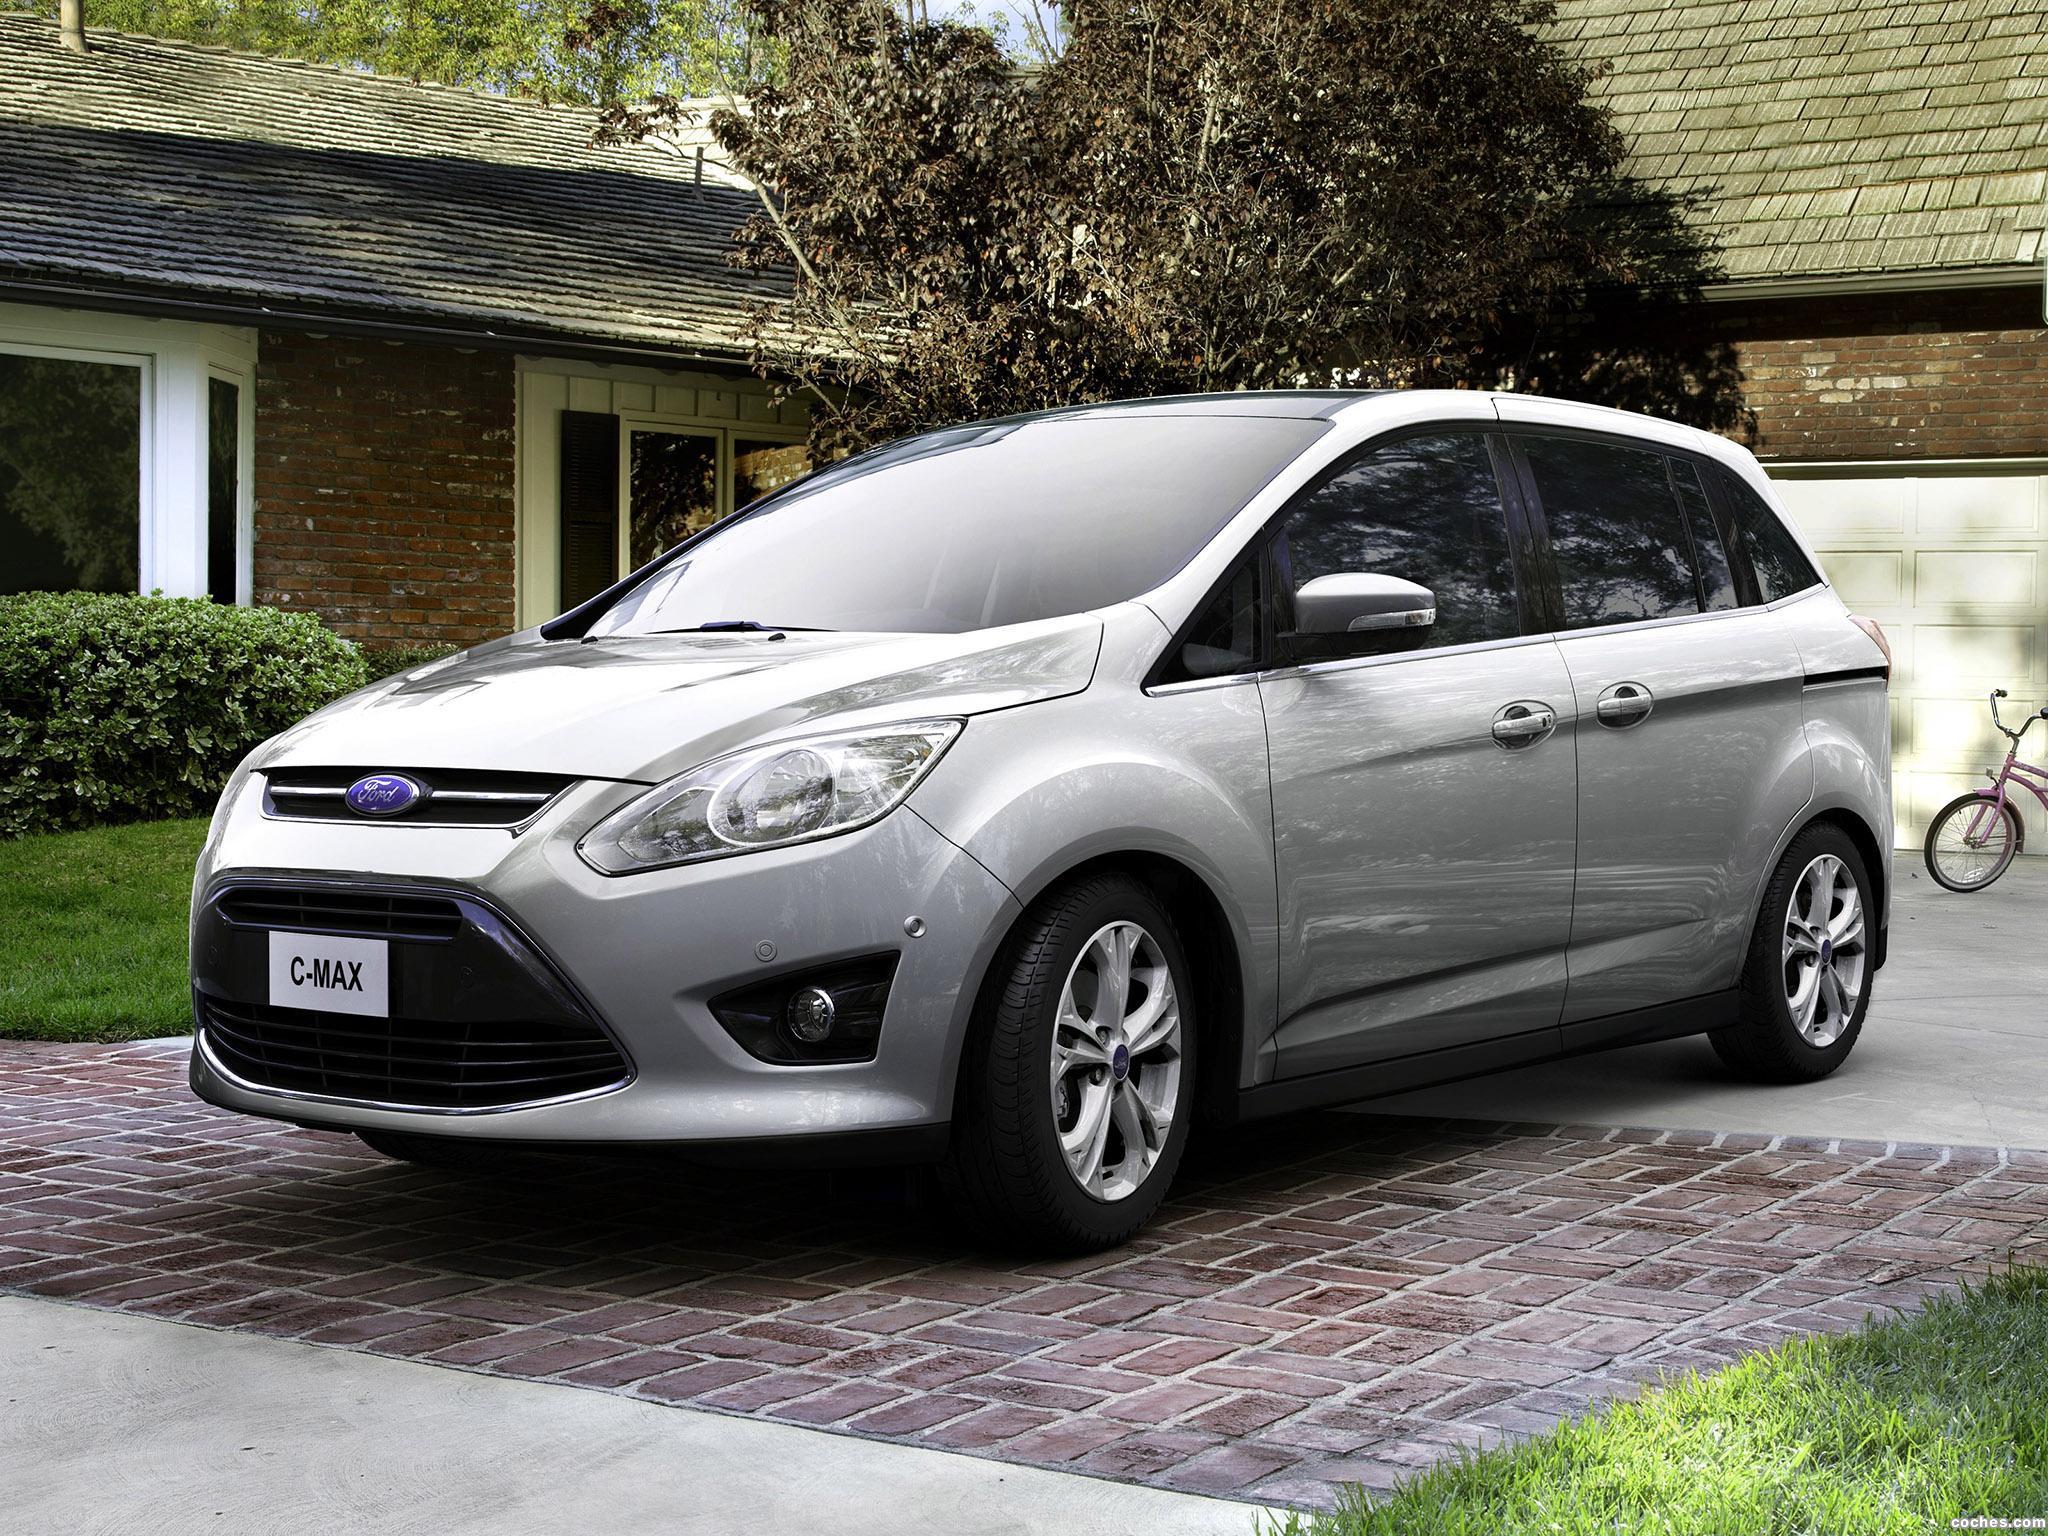 Foto 0 de Ford C-Max USA 2011